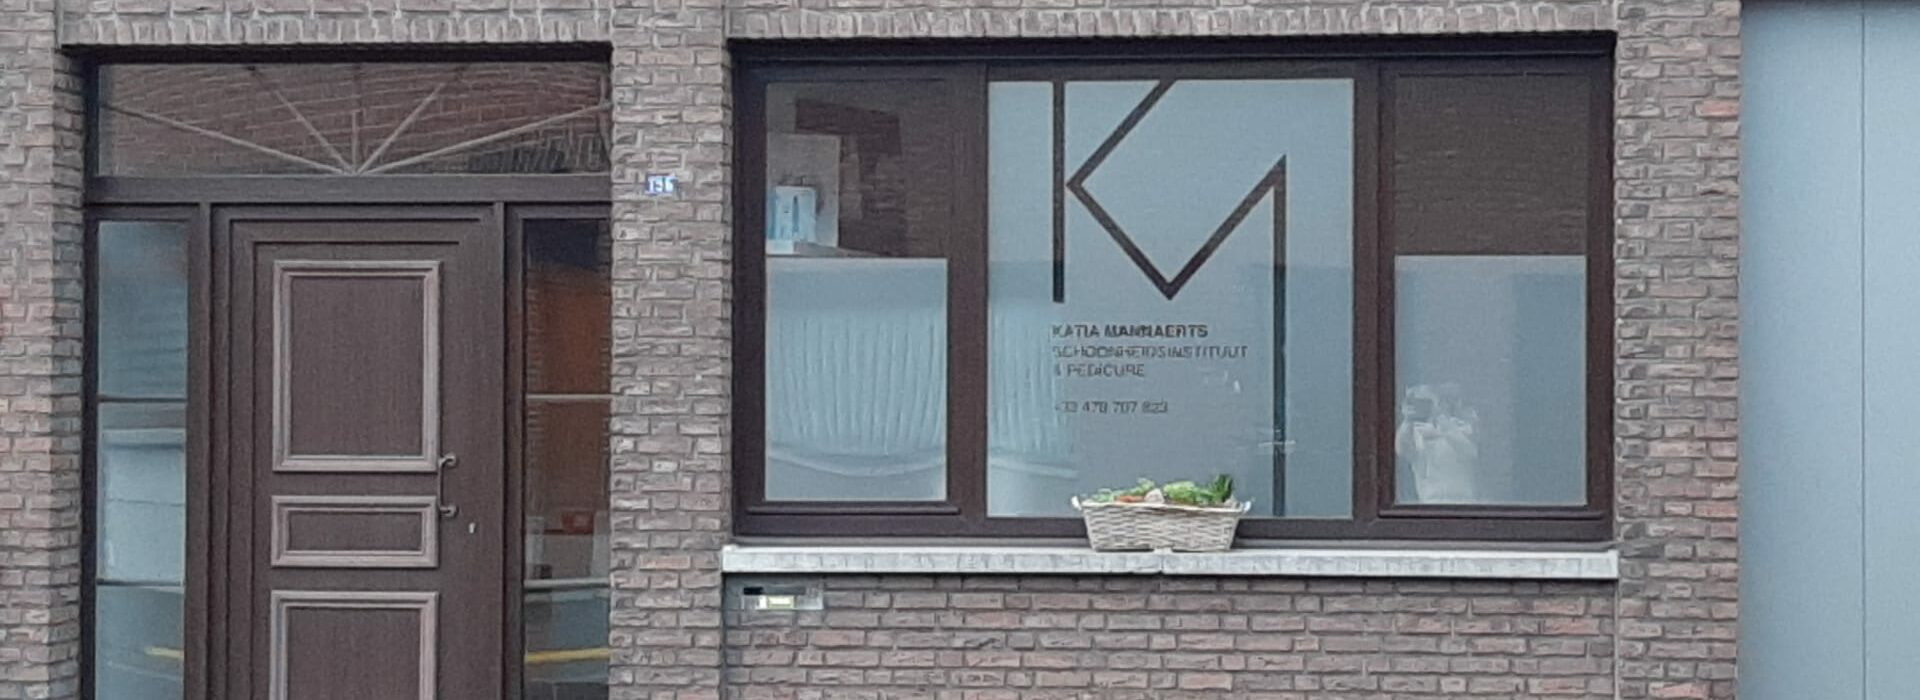 Katia Mannaerts